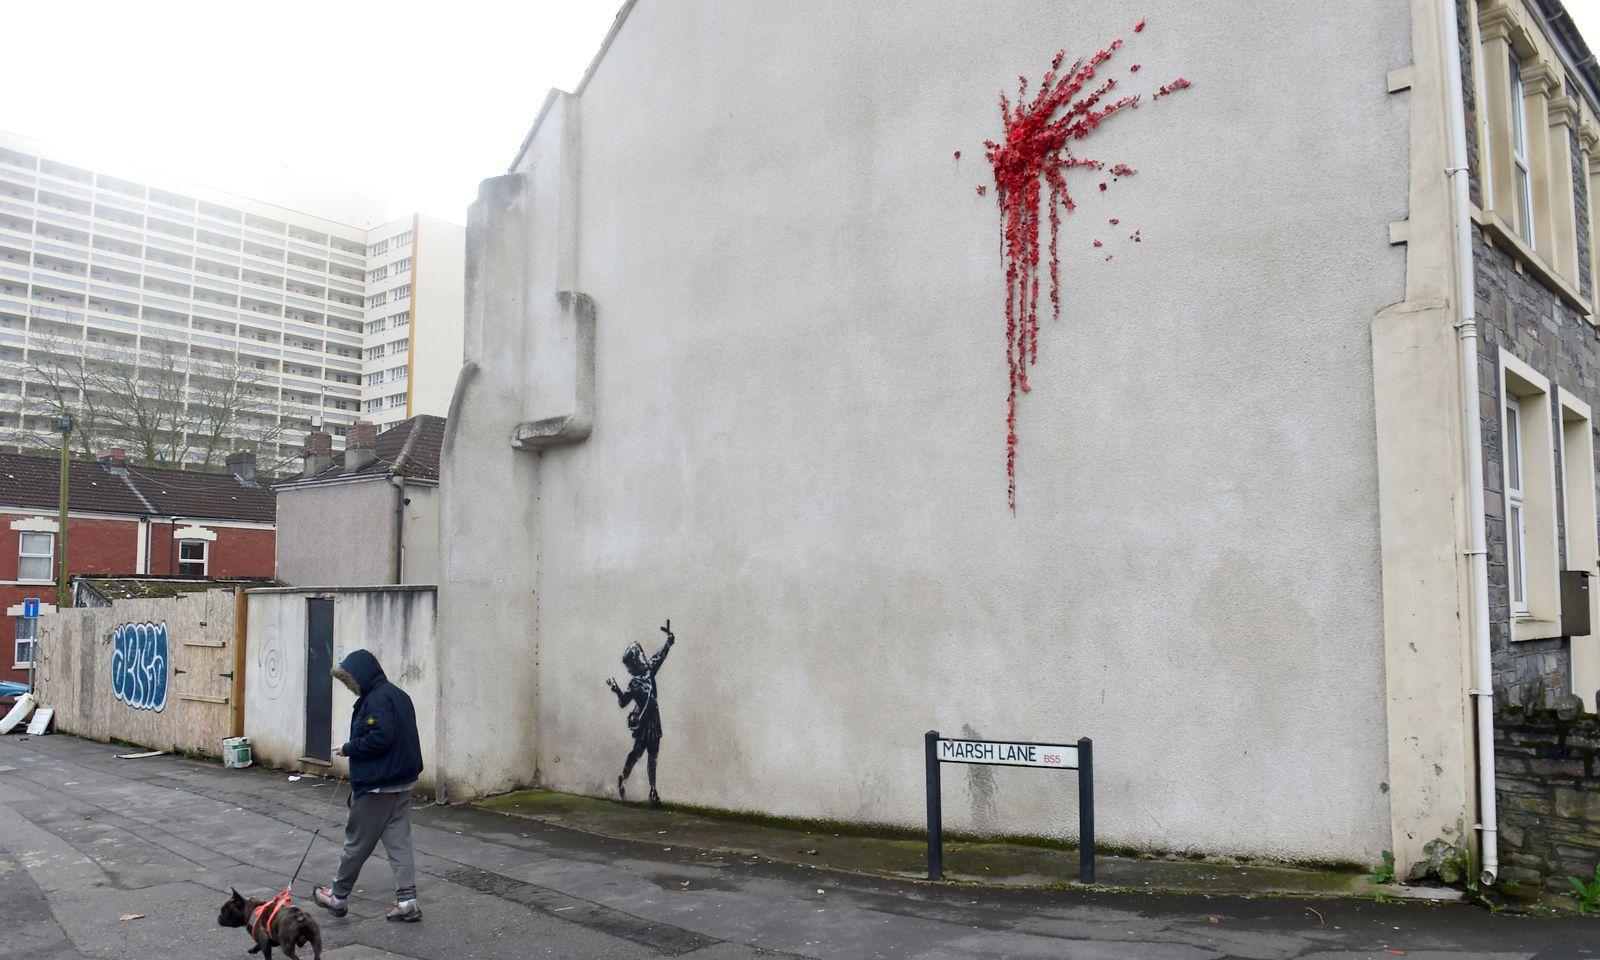 In der Marsh Lane in Bristol ist das neue Kunstwerk aufgetaucht